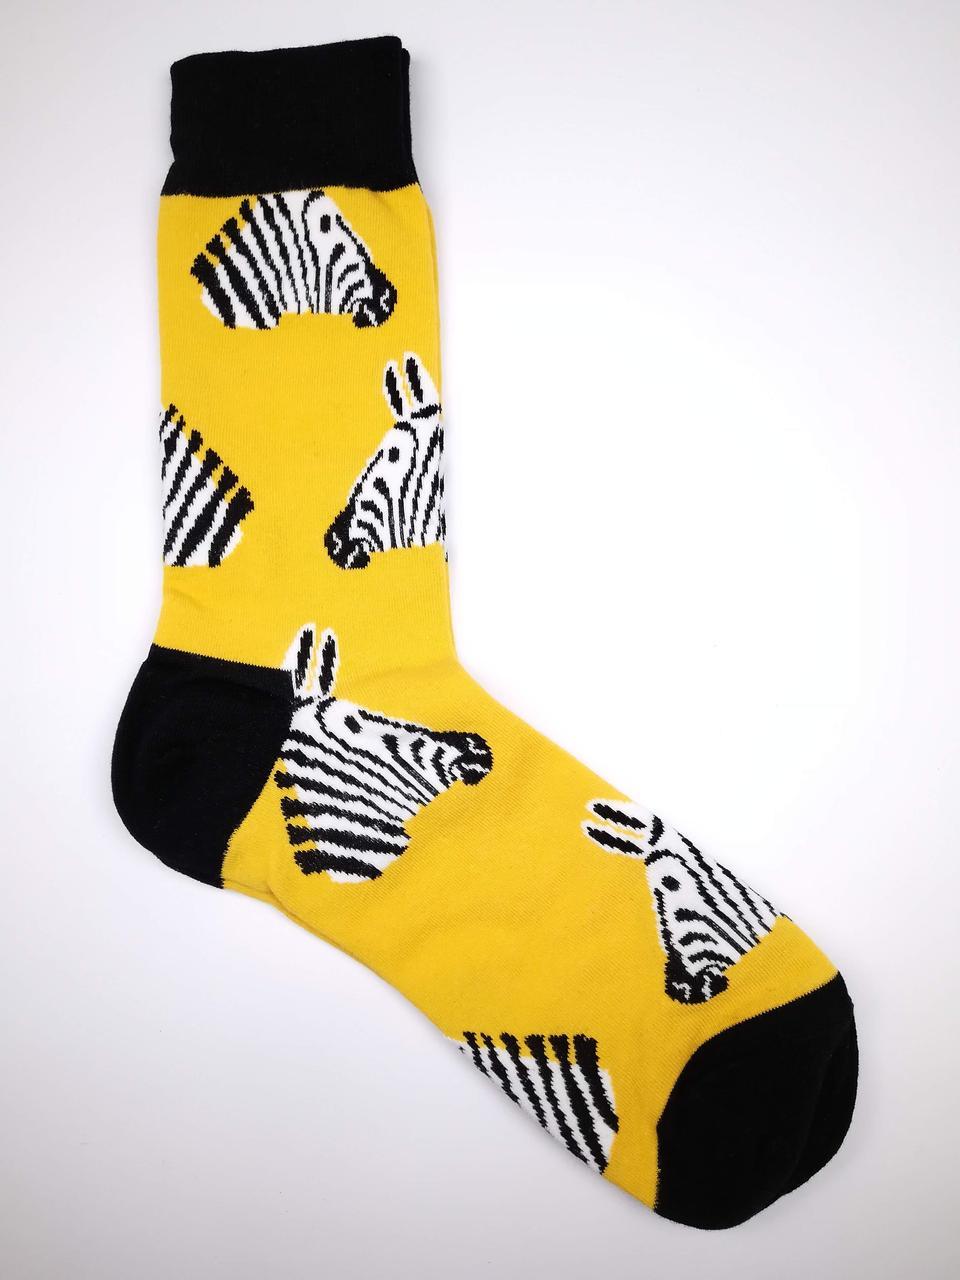 Чоловічі шкарпетки з прикольним принтом Зебри